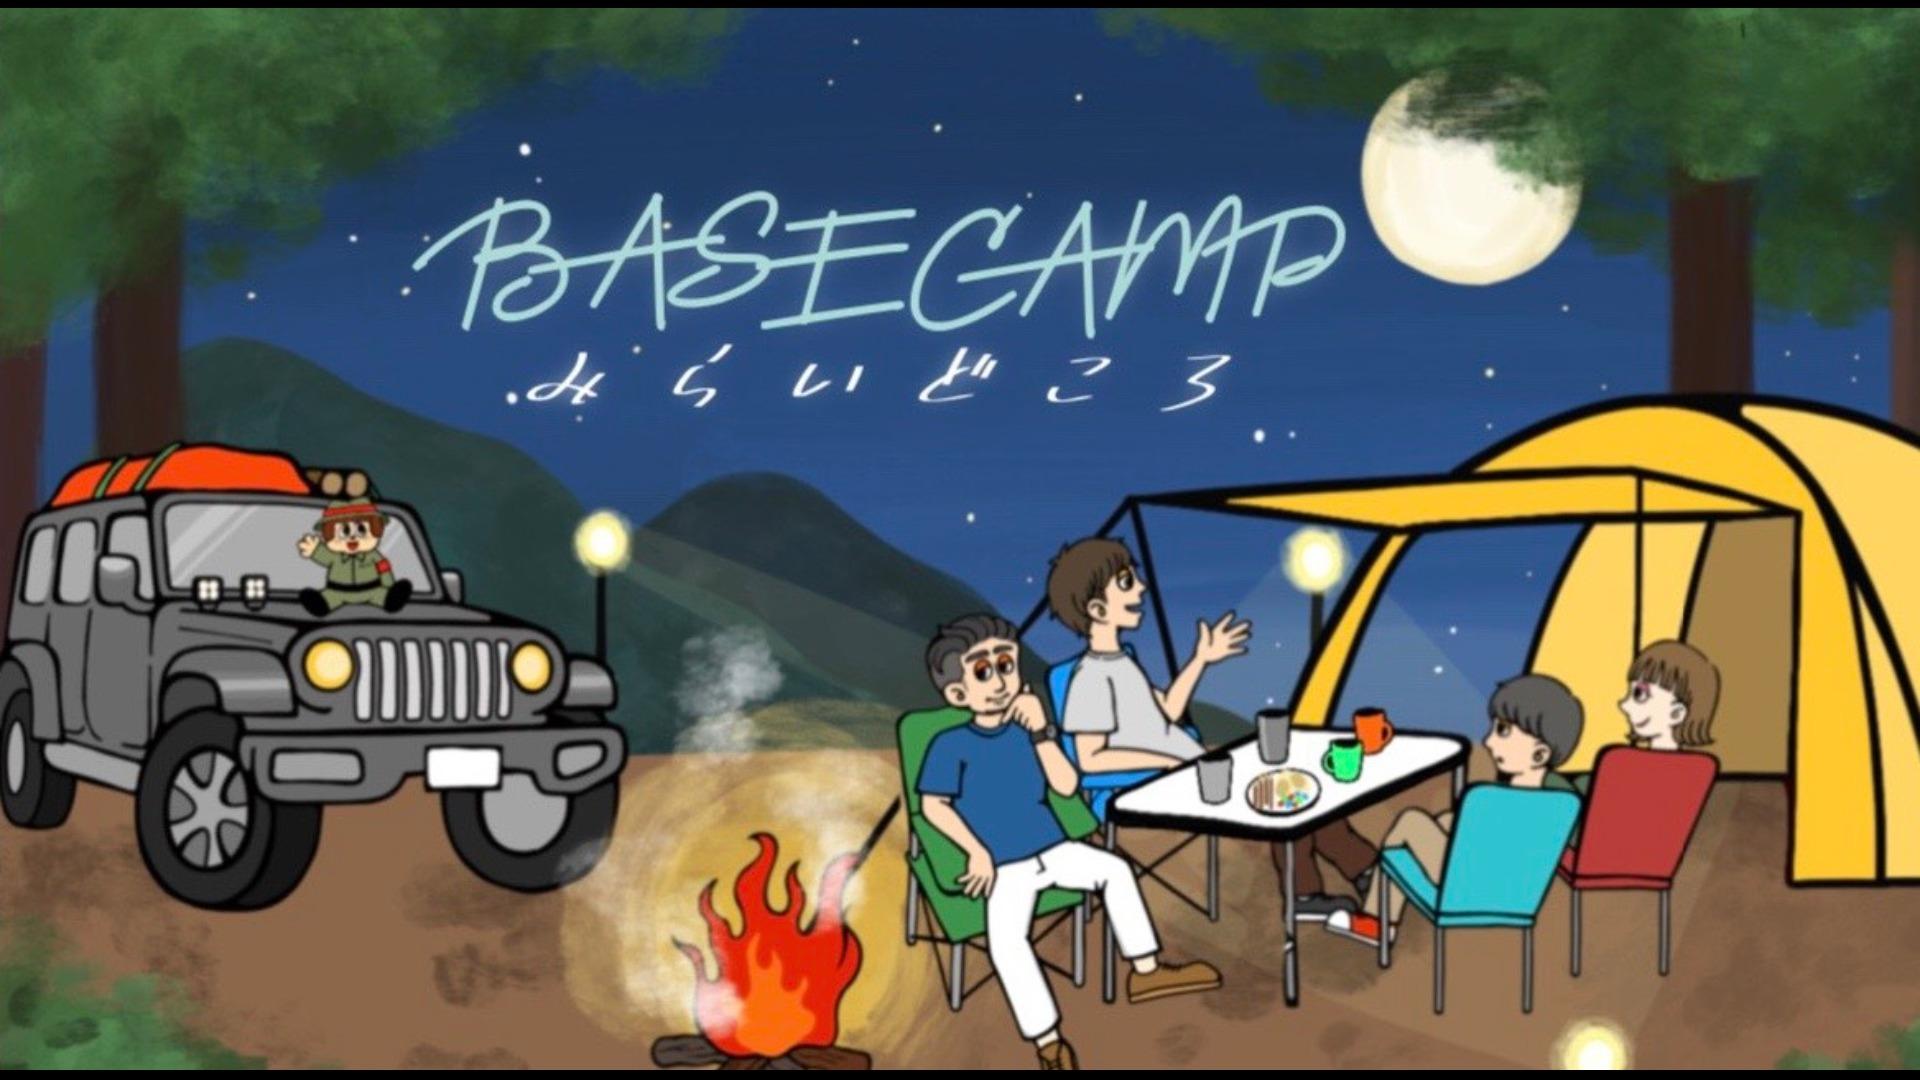 BASE CAMP|みらいどころ